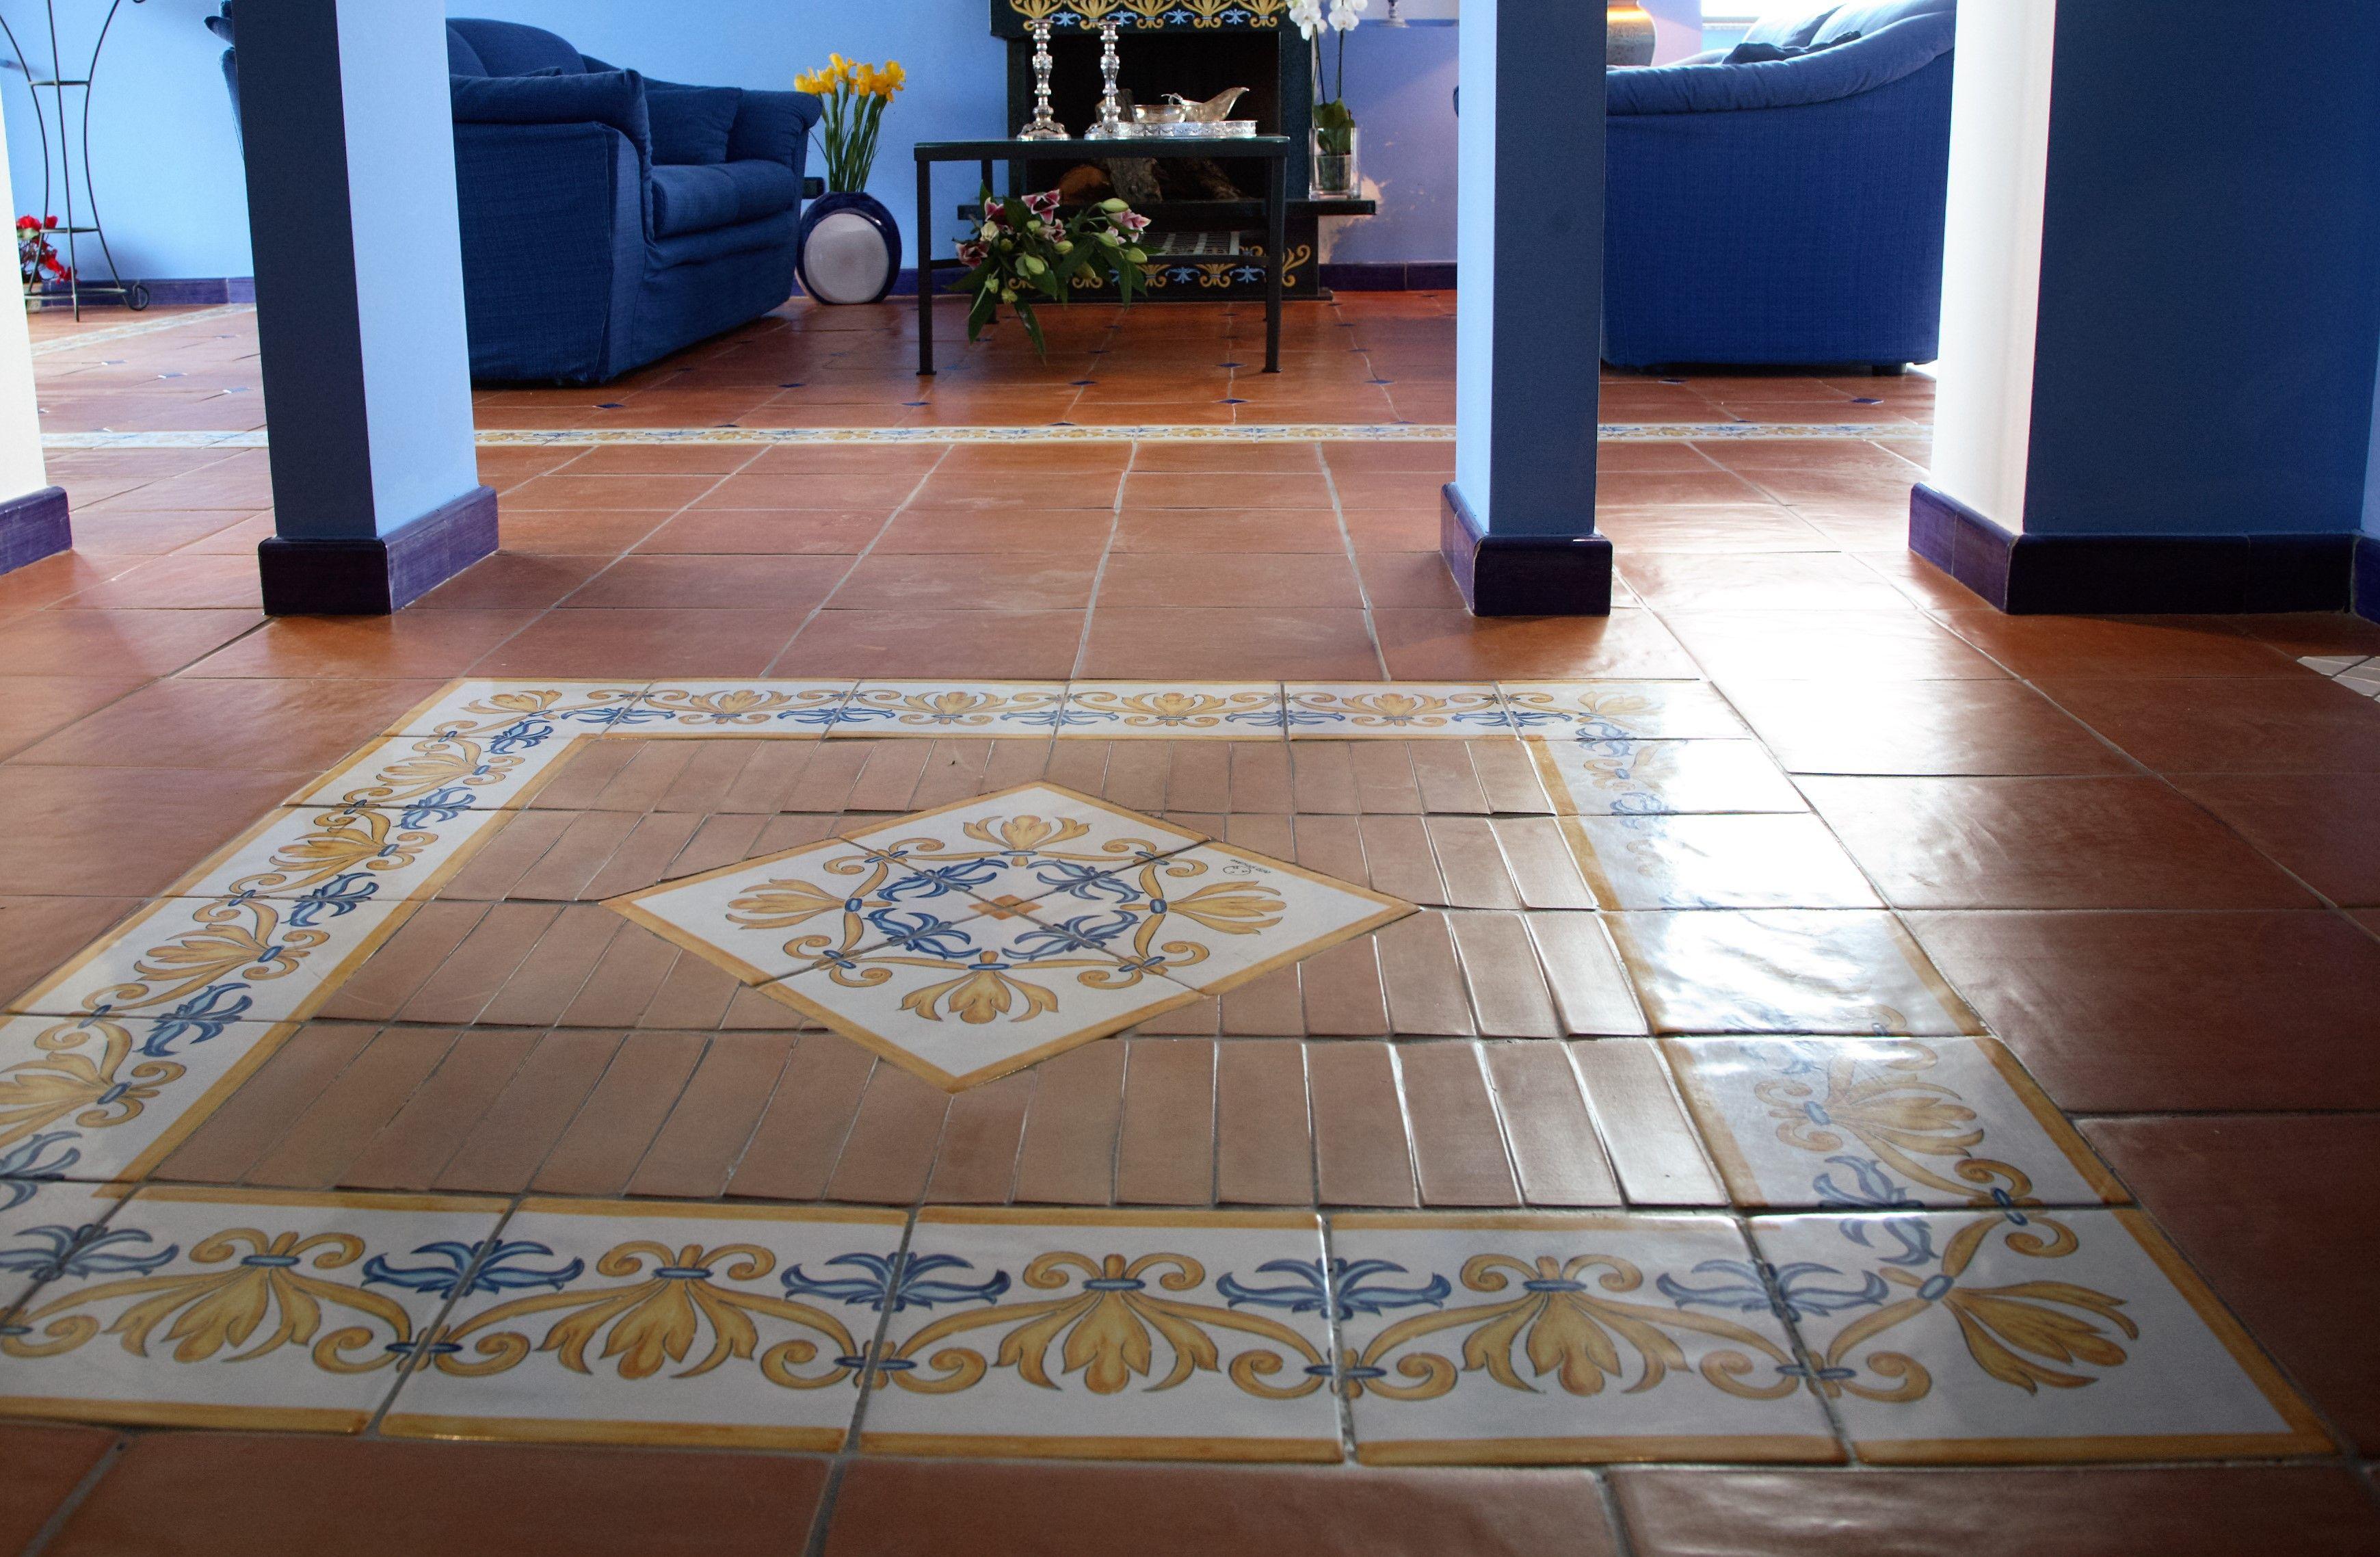 Colorare Pavimento In Cotto la fauci cotto siciliano. #pavimentoincotto#cottorustico